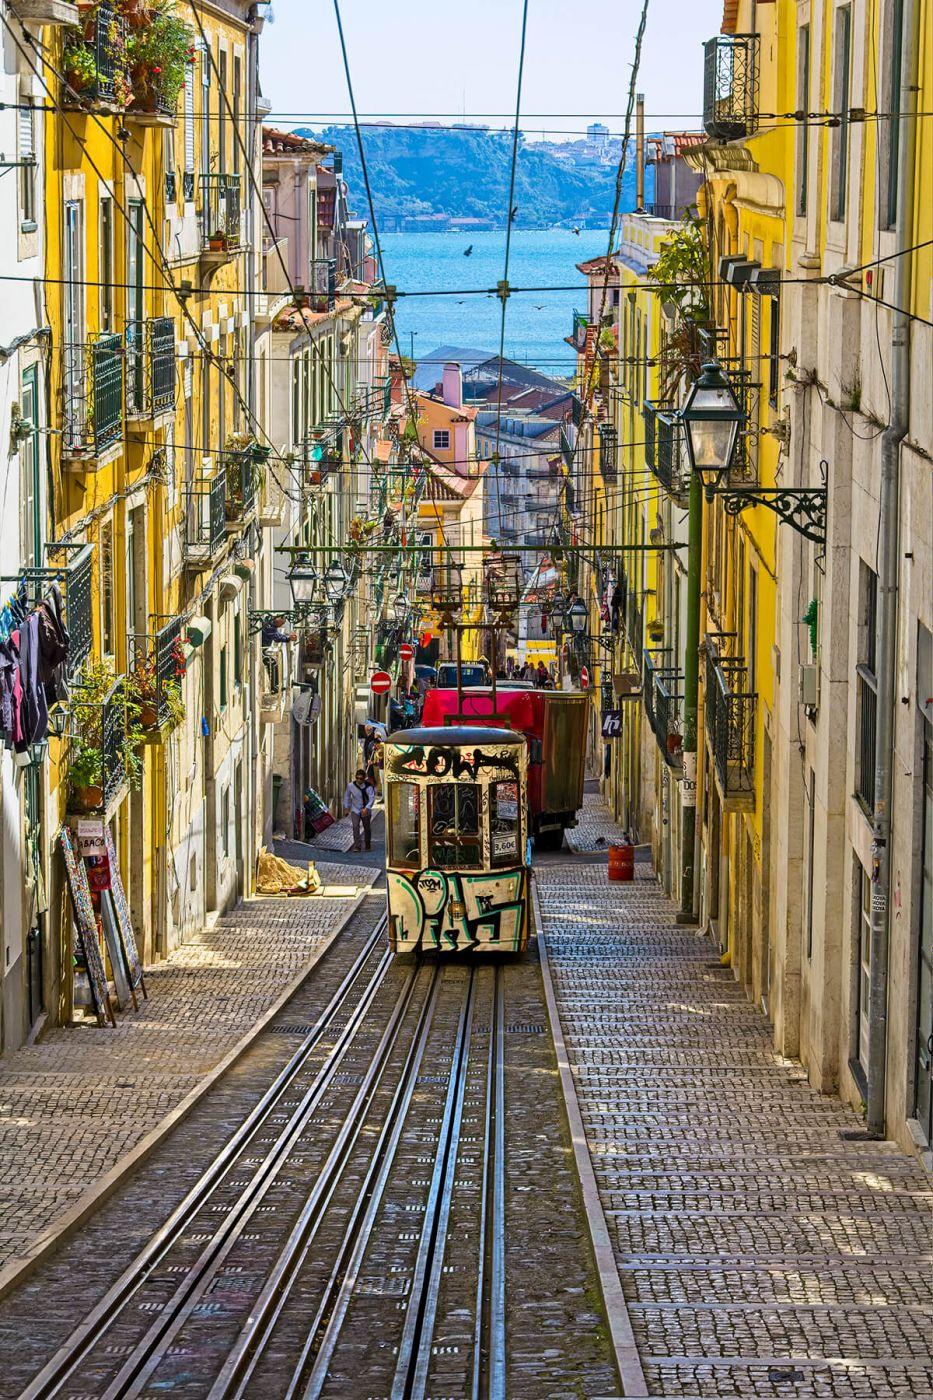 Ascensor da Bica, Portugal